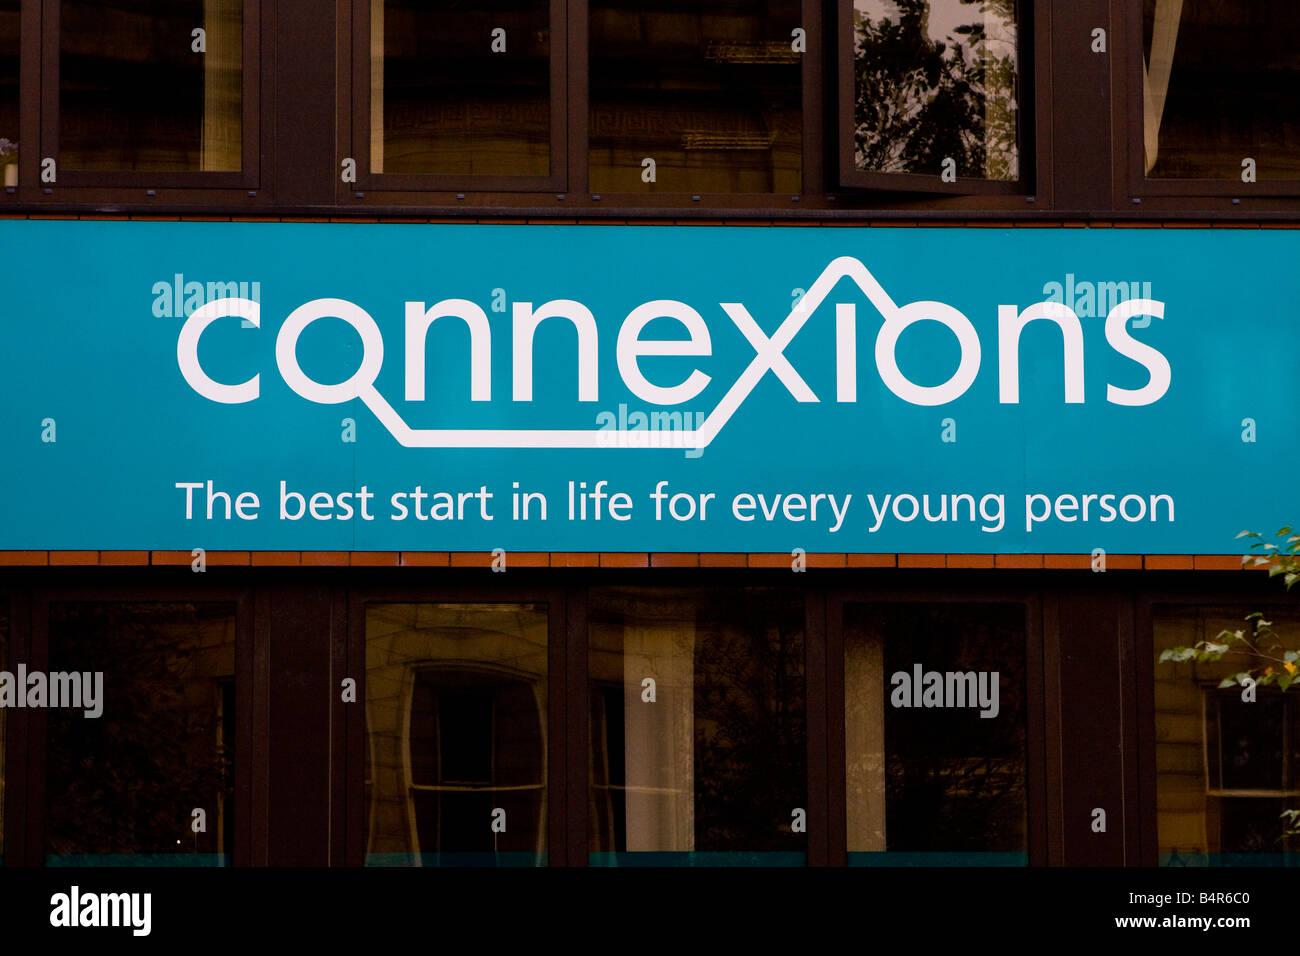 Connexions Informationen & Beratung für junge Menschen Stockbild